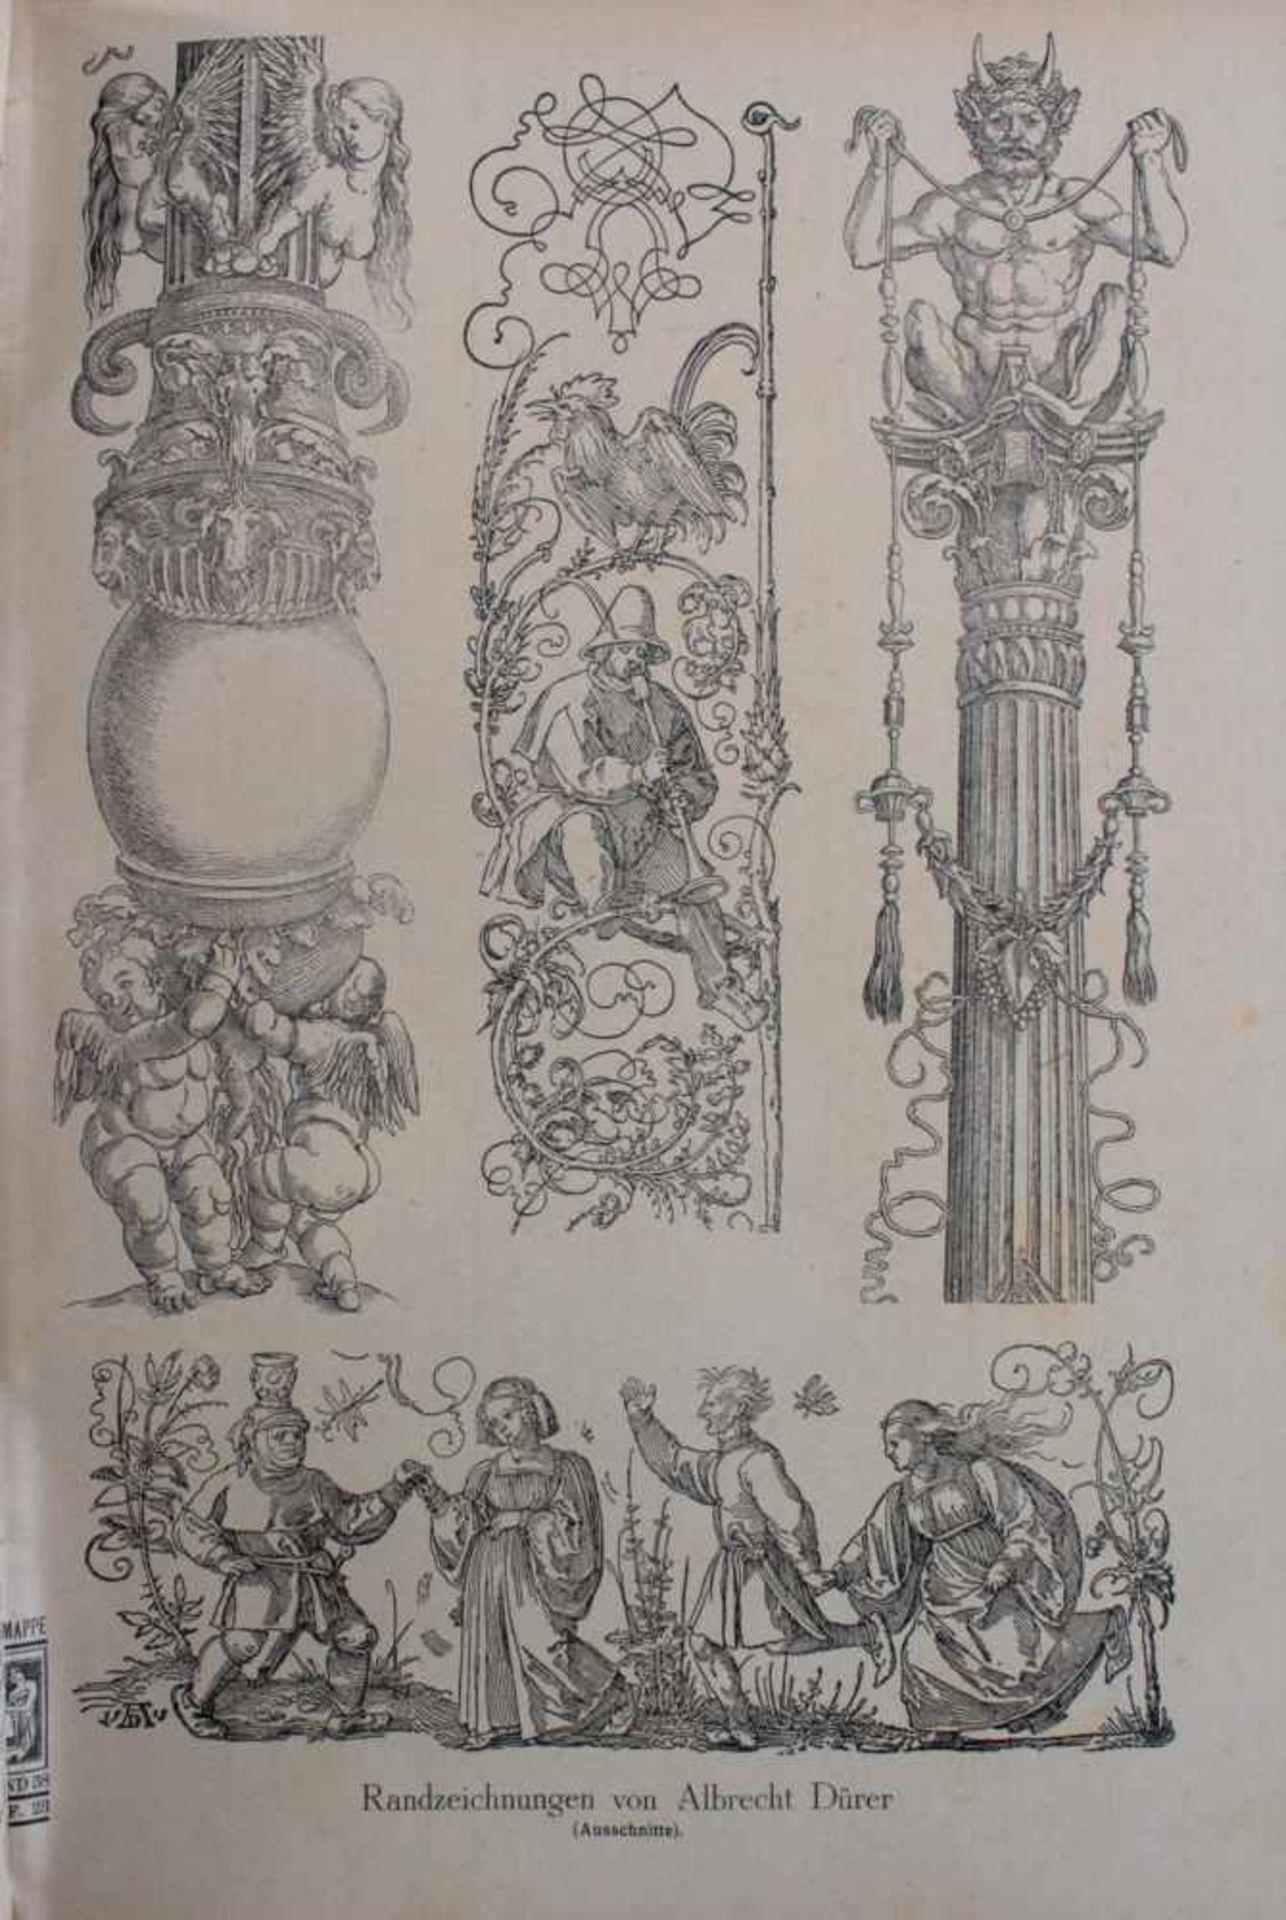 Die Malerzeitung. Die Mappe gebunden in einem BuchVorlagen für unterschiedliche Bemalungen wie - Bild 2 aus 3